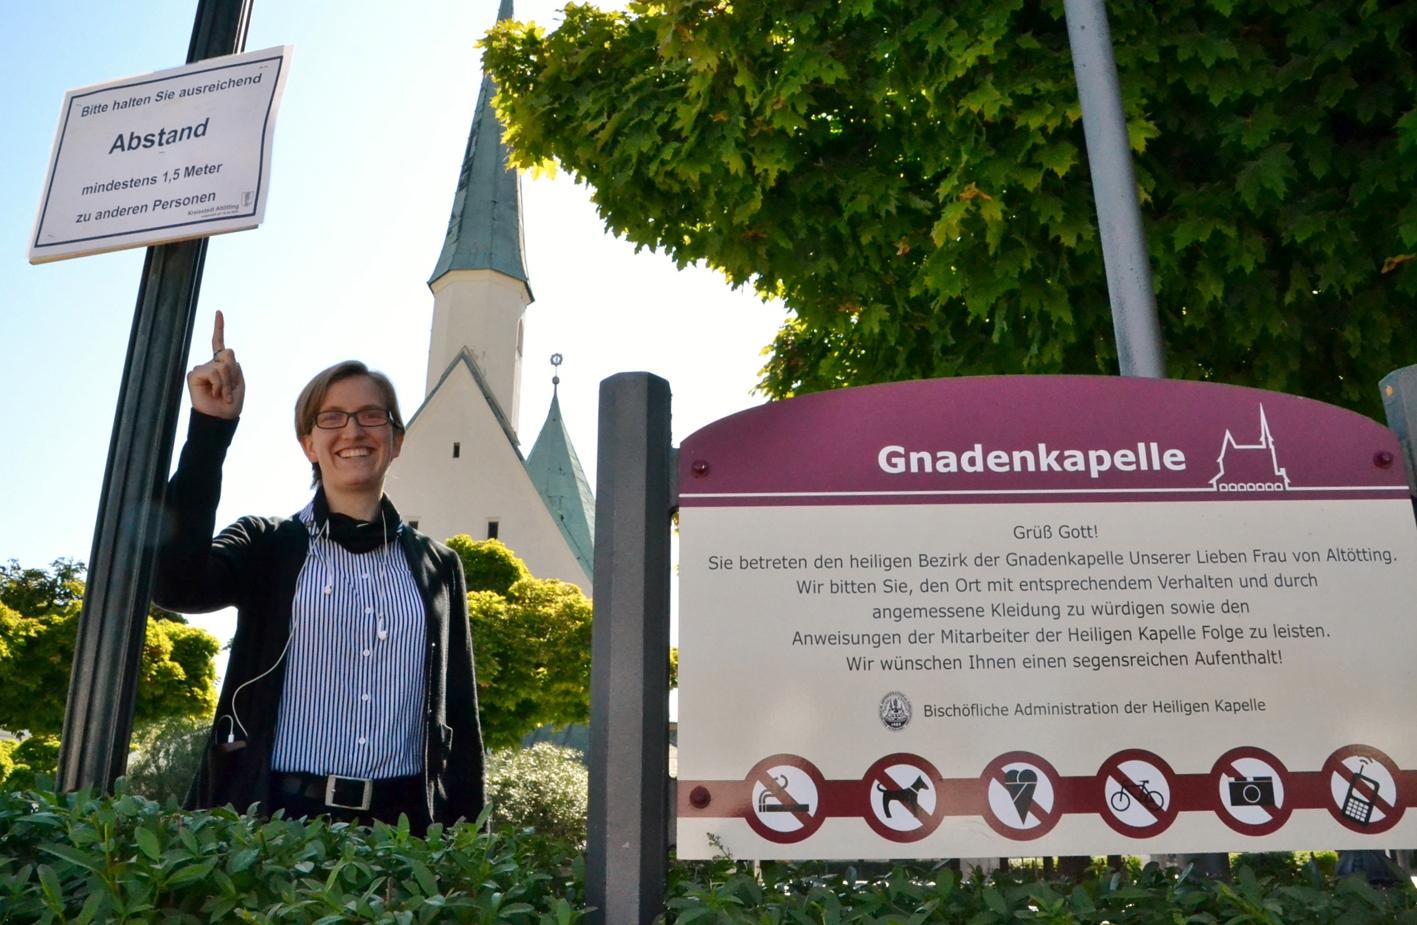 2020 05 22 aoelfb gnadenkapelle tanja stadler